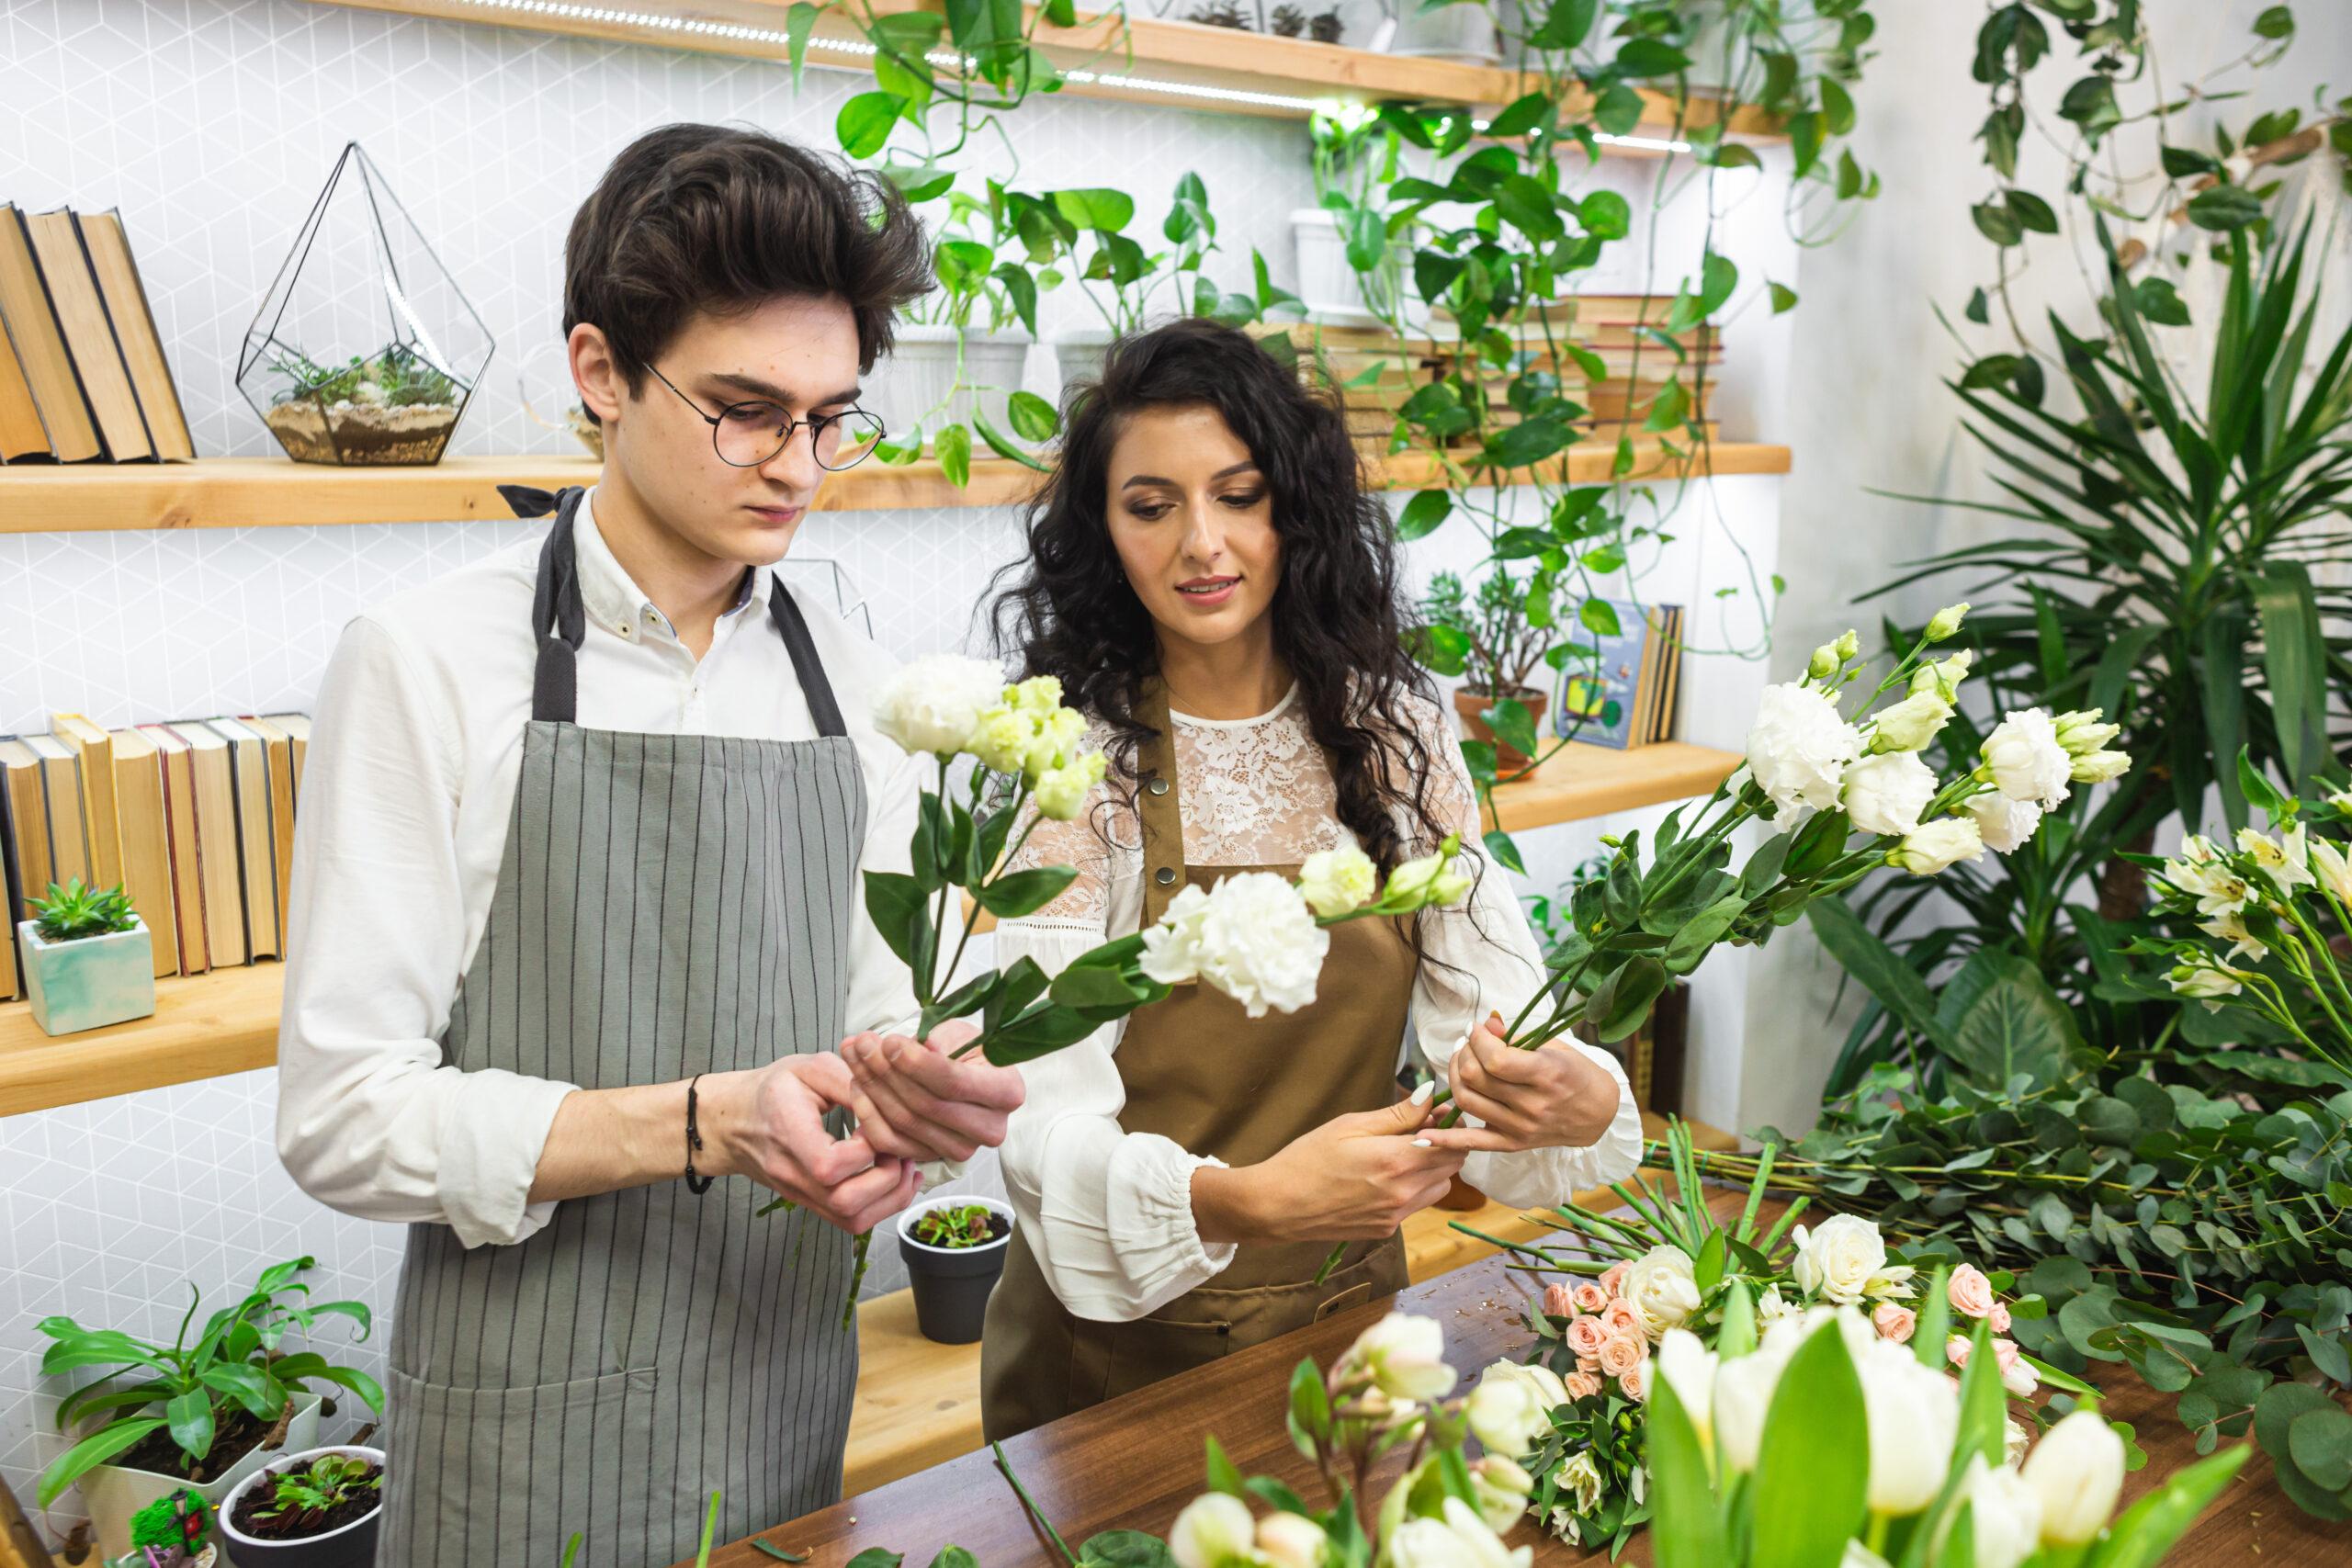 21 konkretnych pomysłów (wdrożeń) jak mieć więcej klientów w lokalnym biznesie